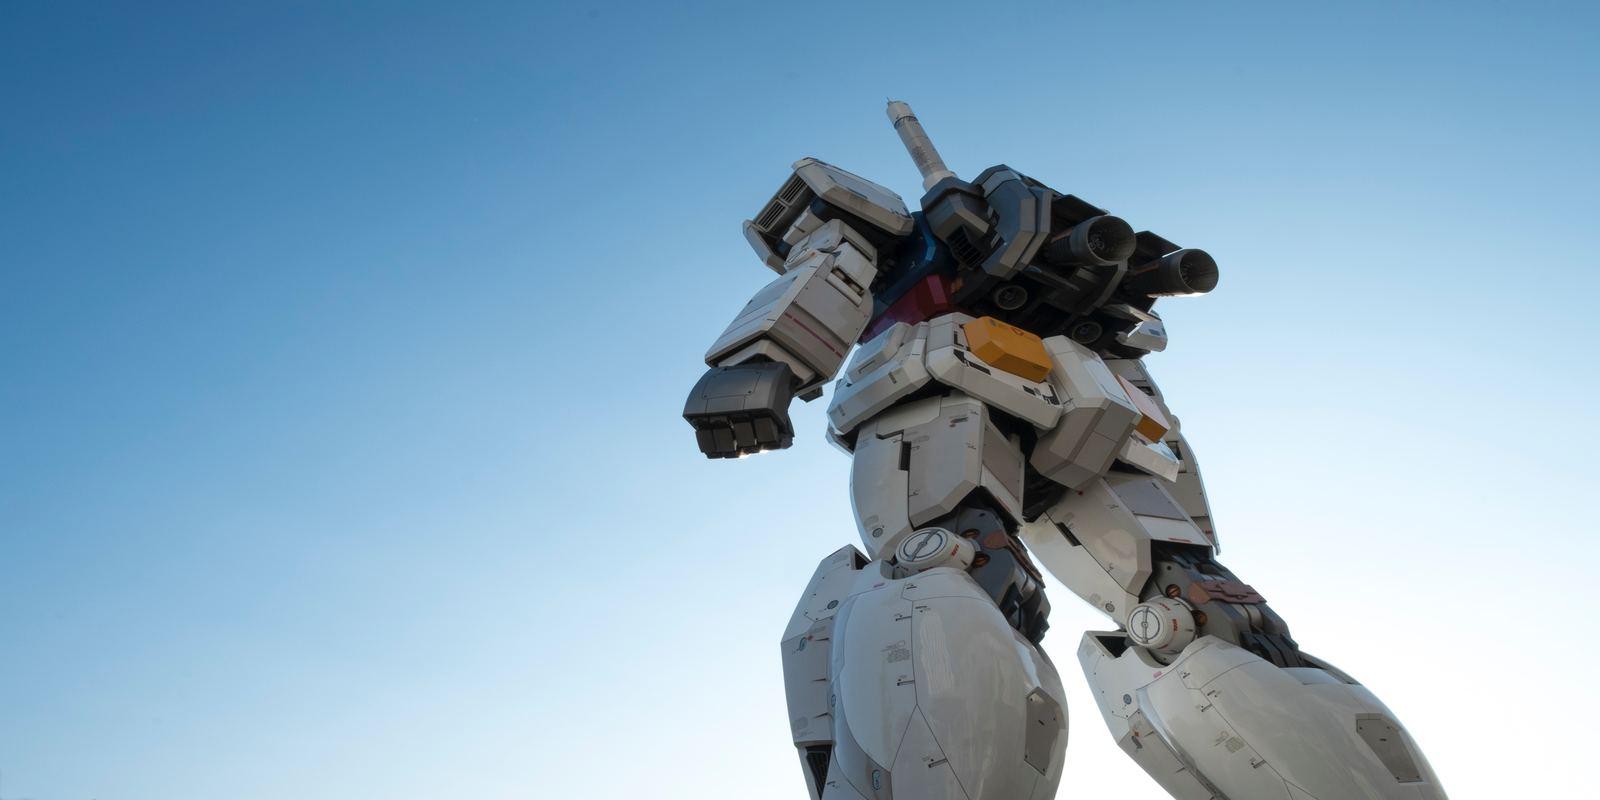 Gunpla Gundam Model